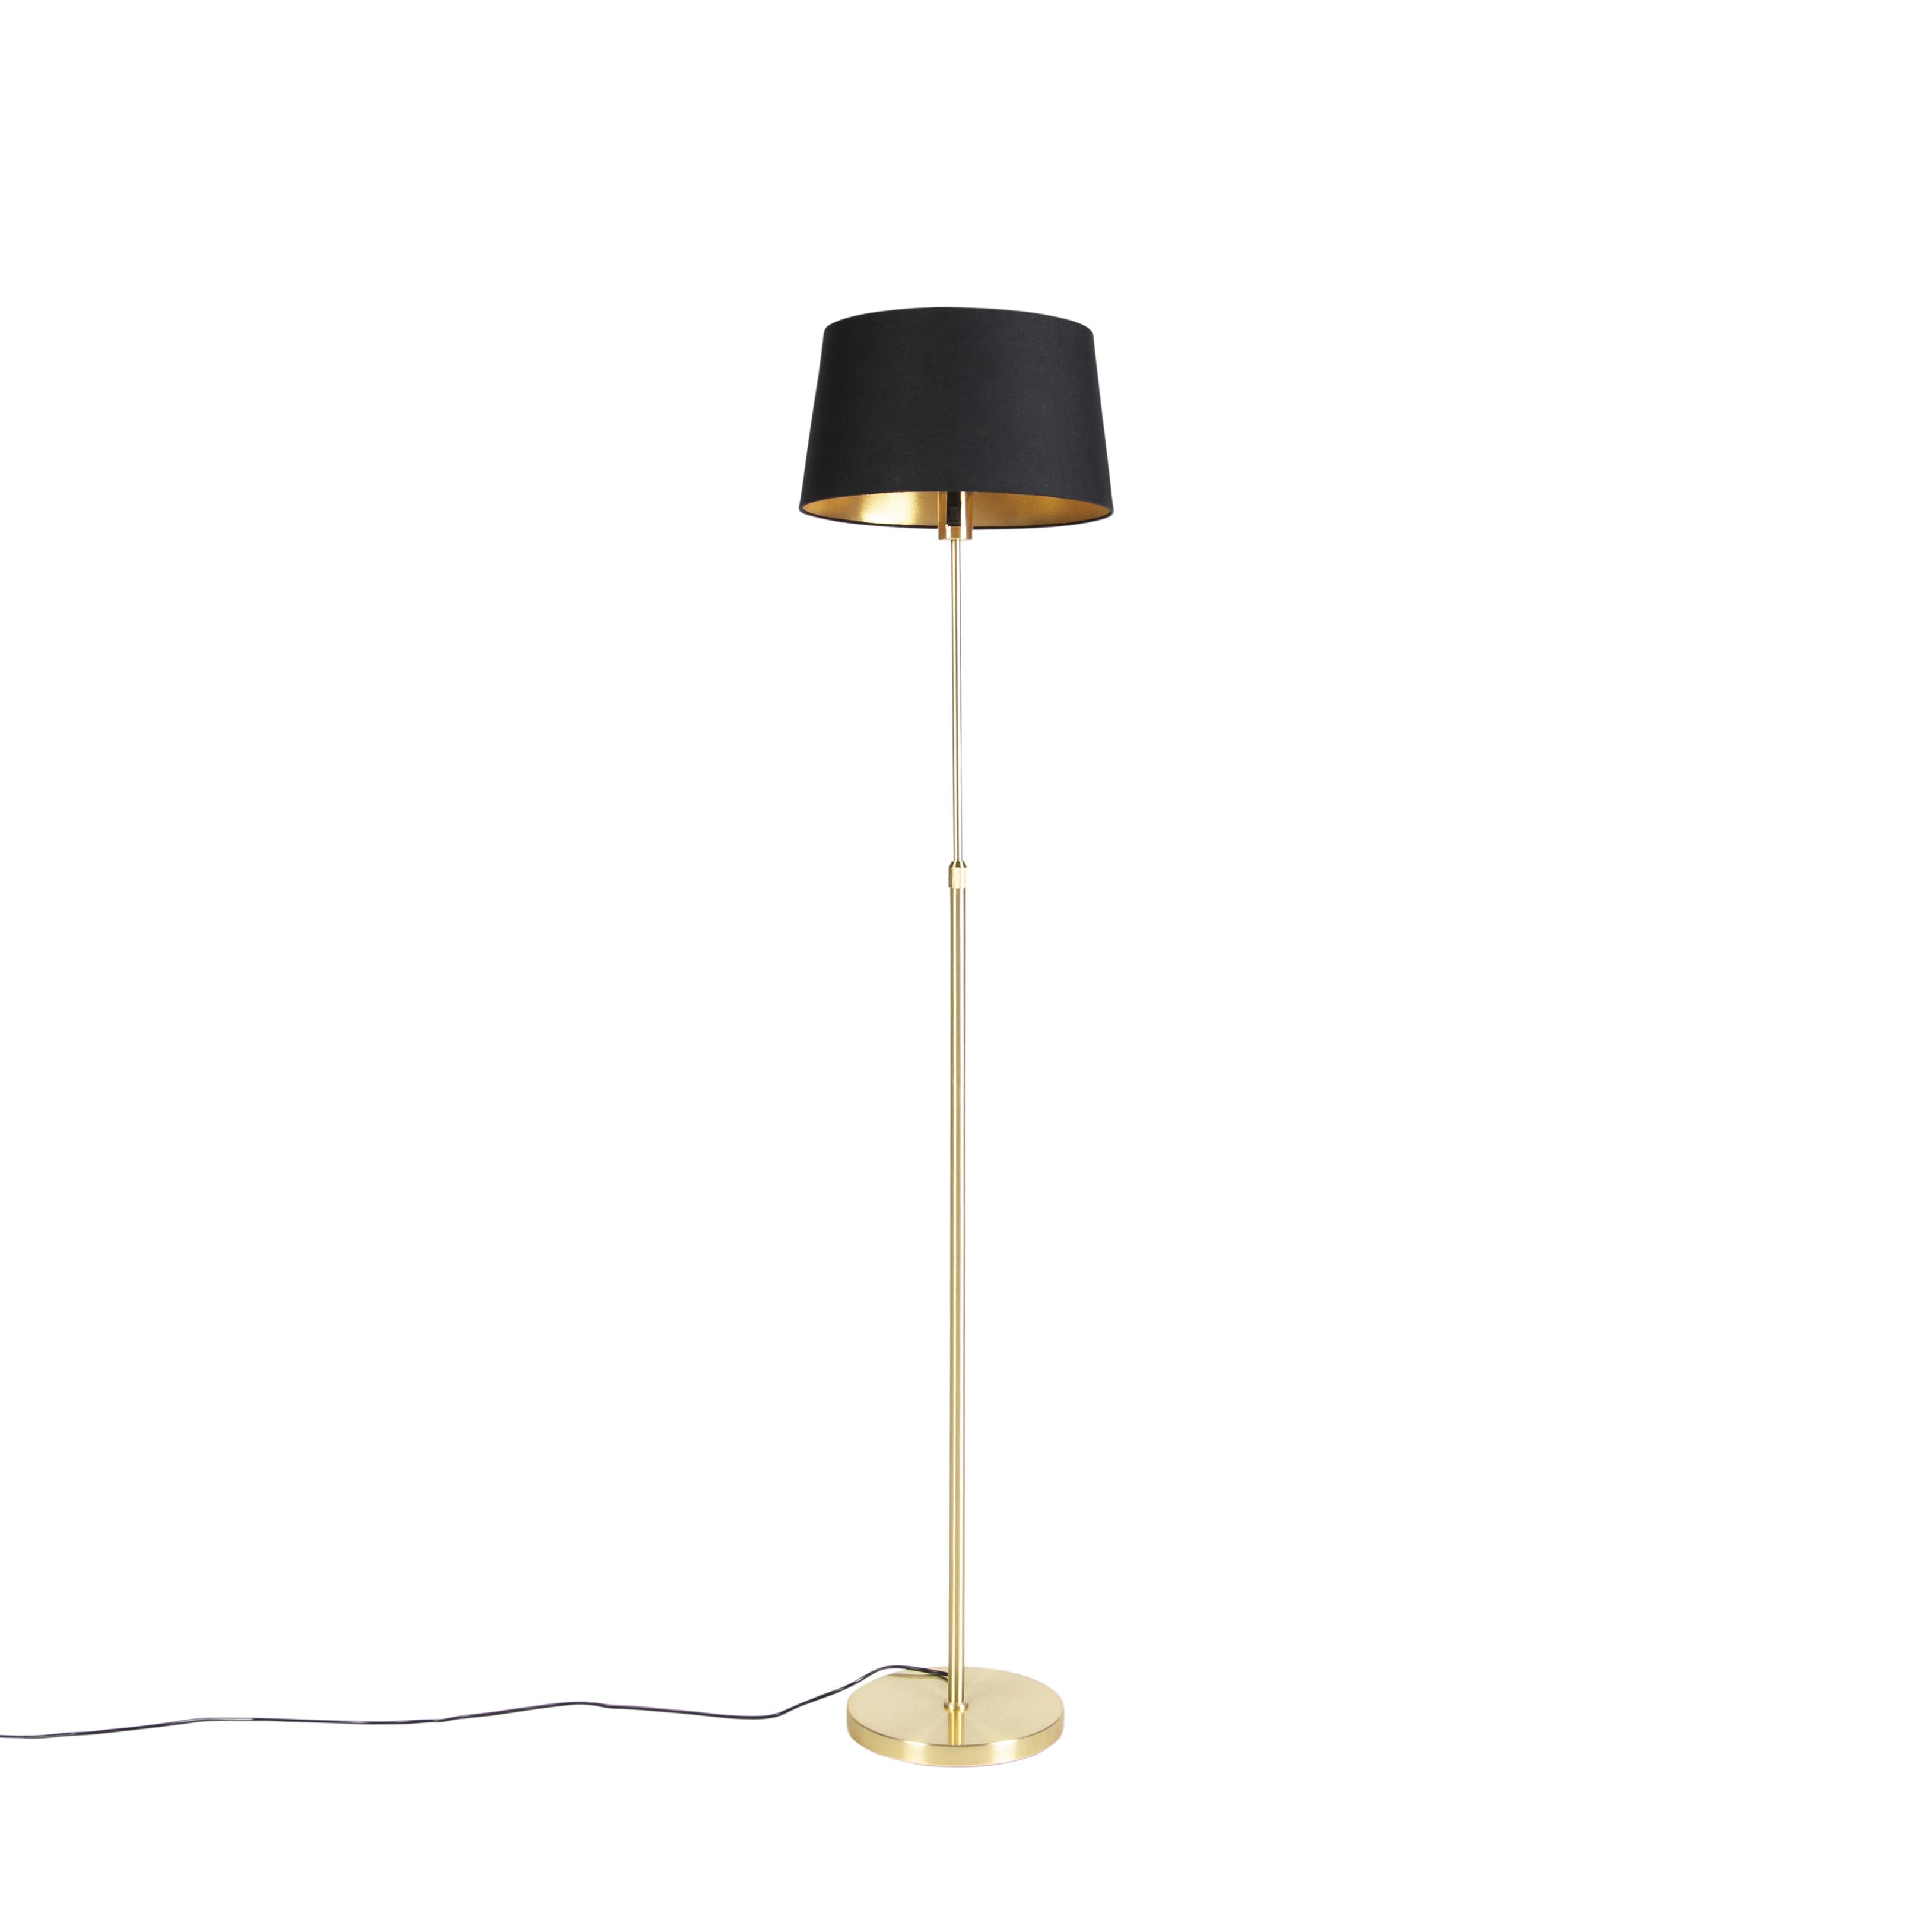 Gouden vloerlamp met katoenen kap zwart met goud 35 cm - Parte